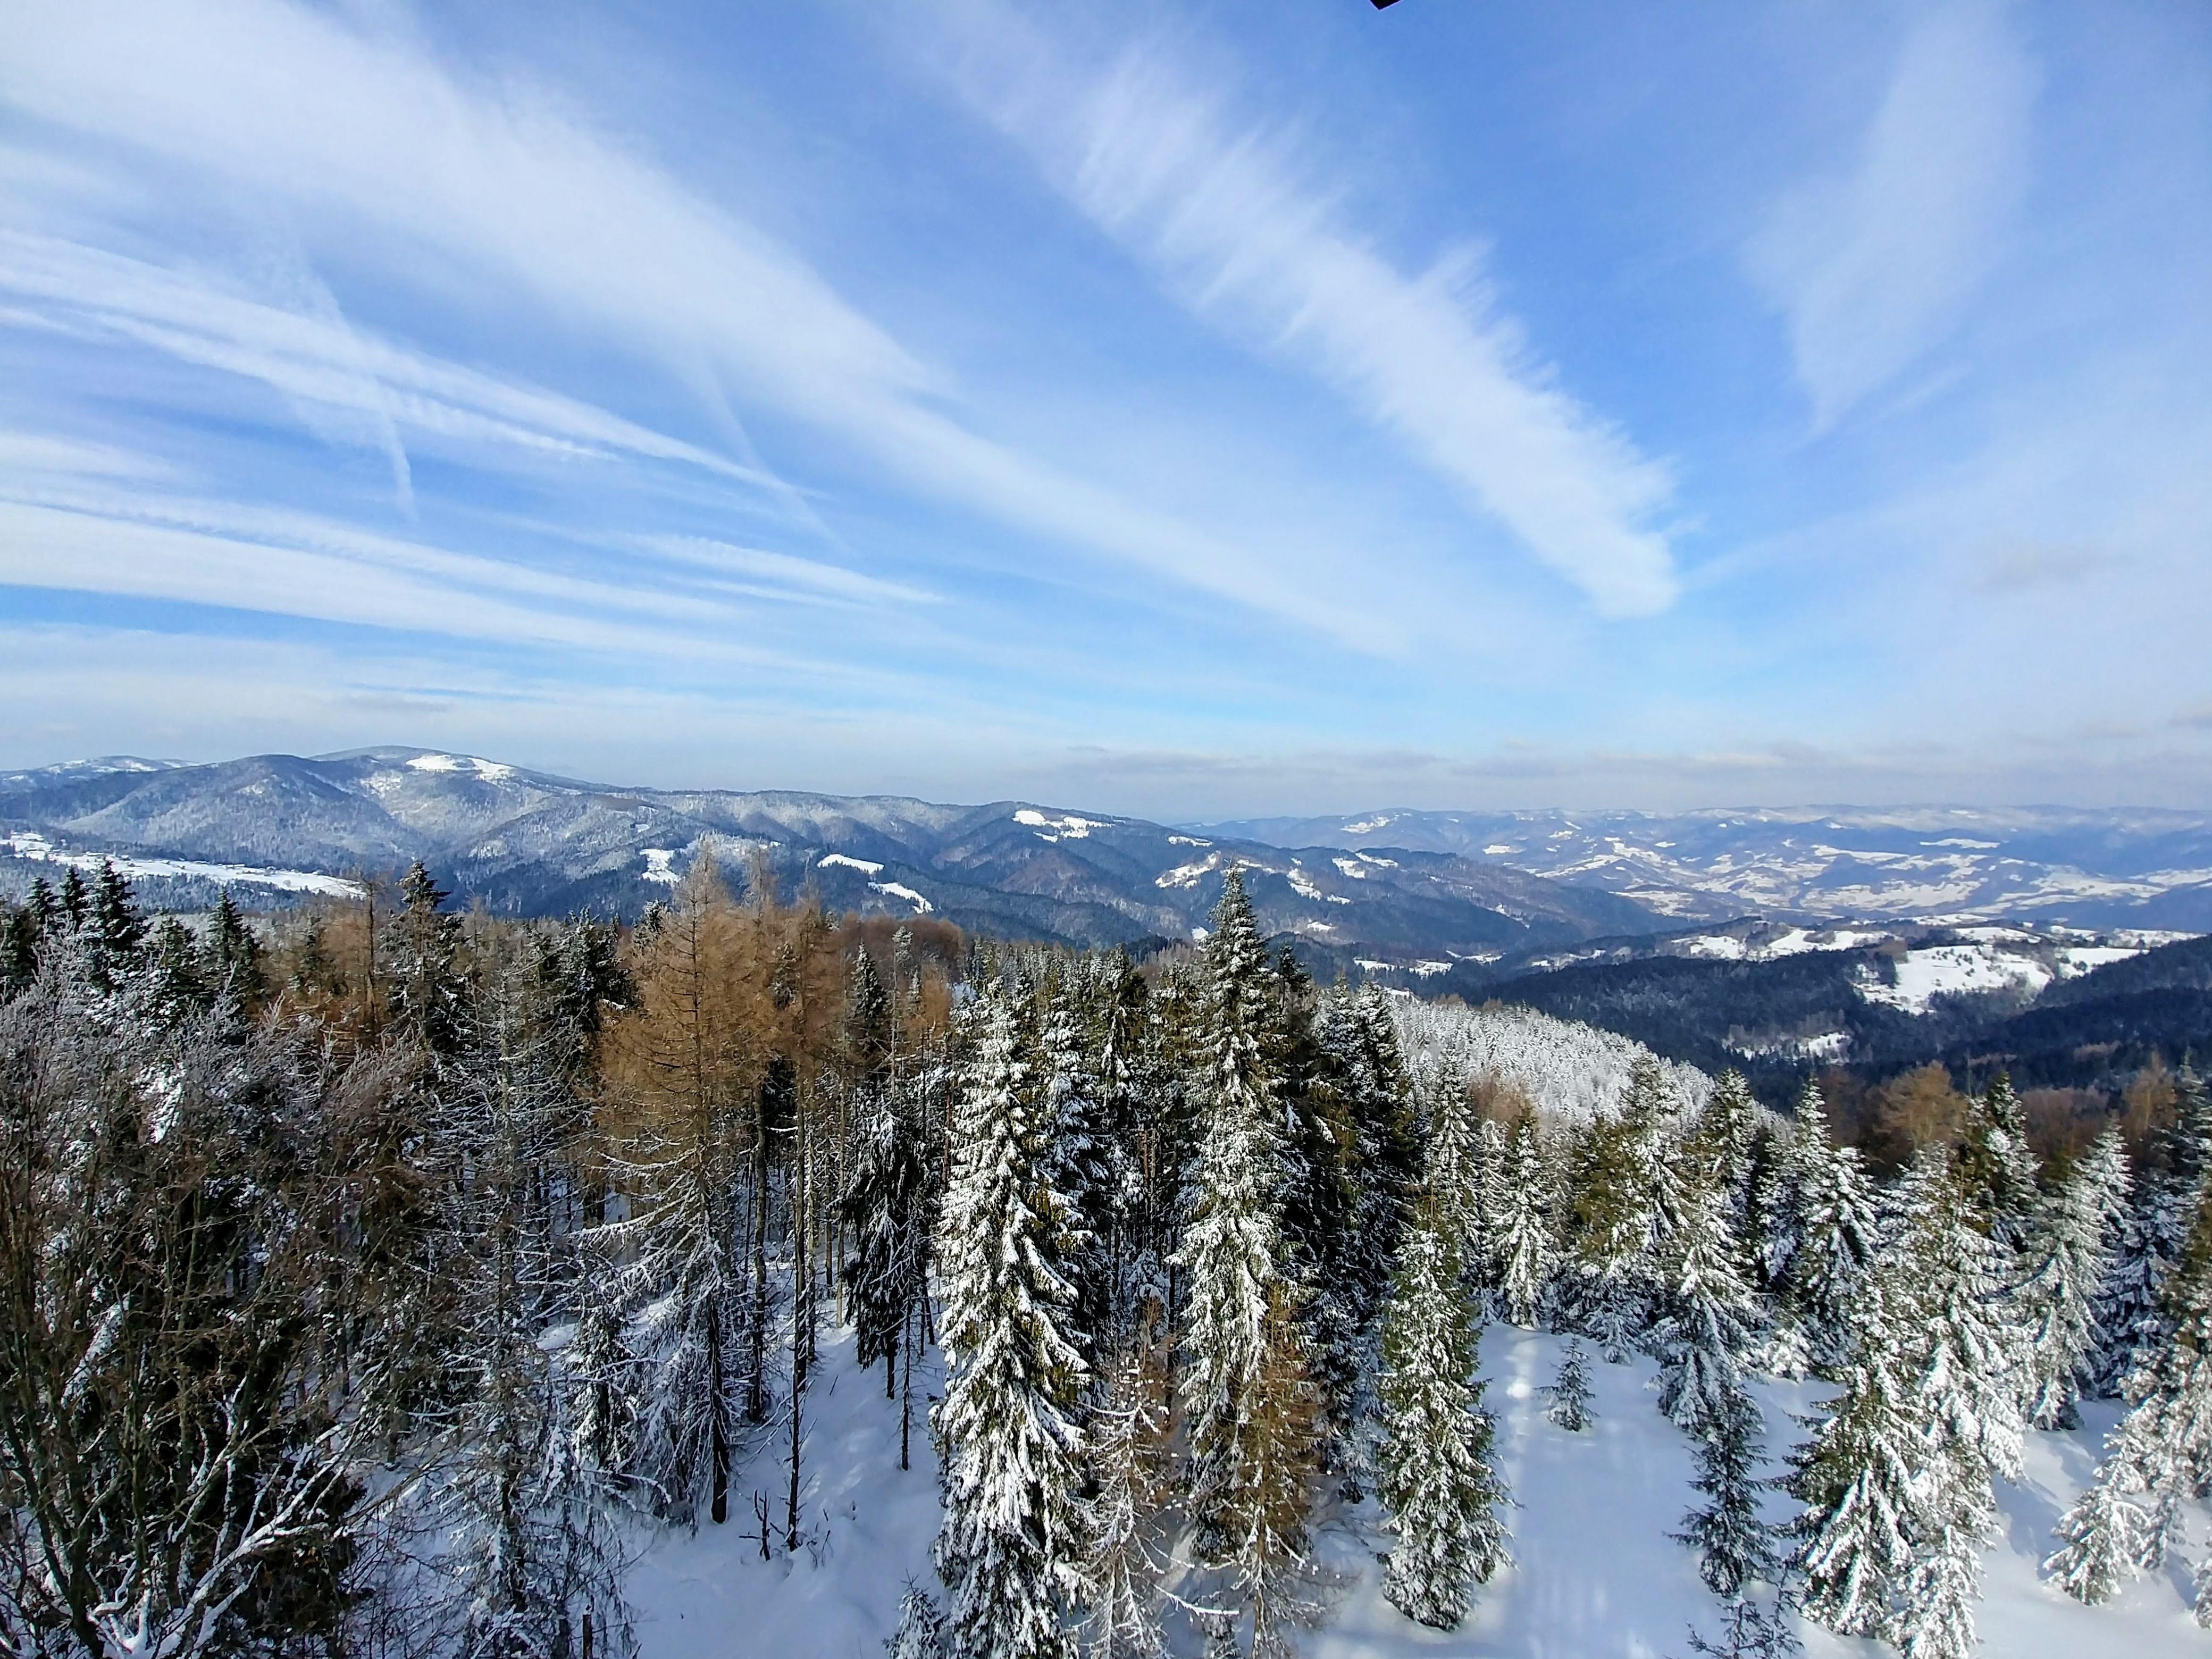 Eliaszówka - widok na pasmo Radziejowej (po lewej) i pasmo Jaworzyny Krynickiej (po prawej w oddali), między nimi rozciąga się Dolina Popradu